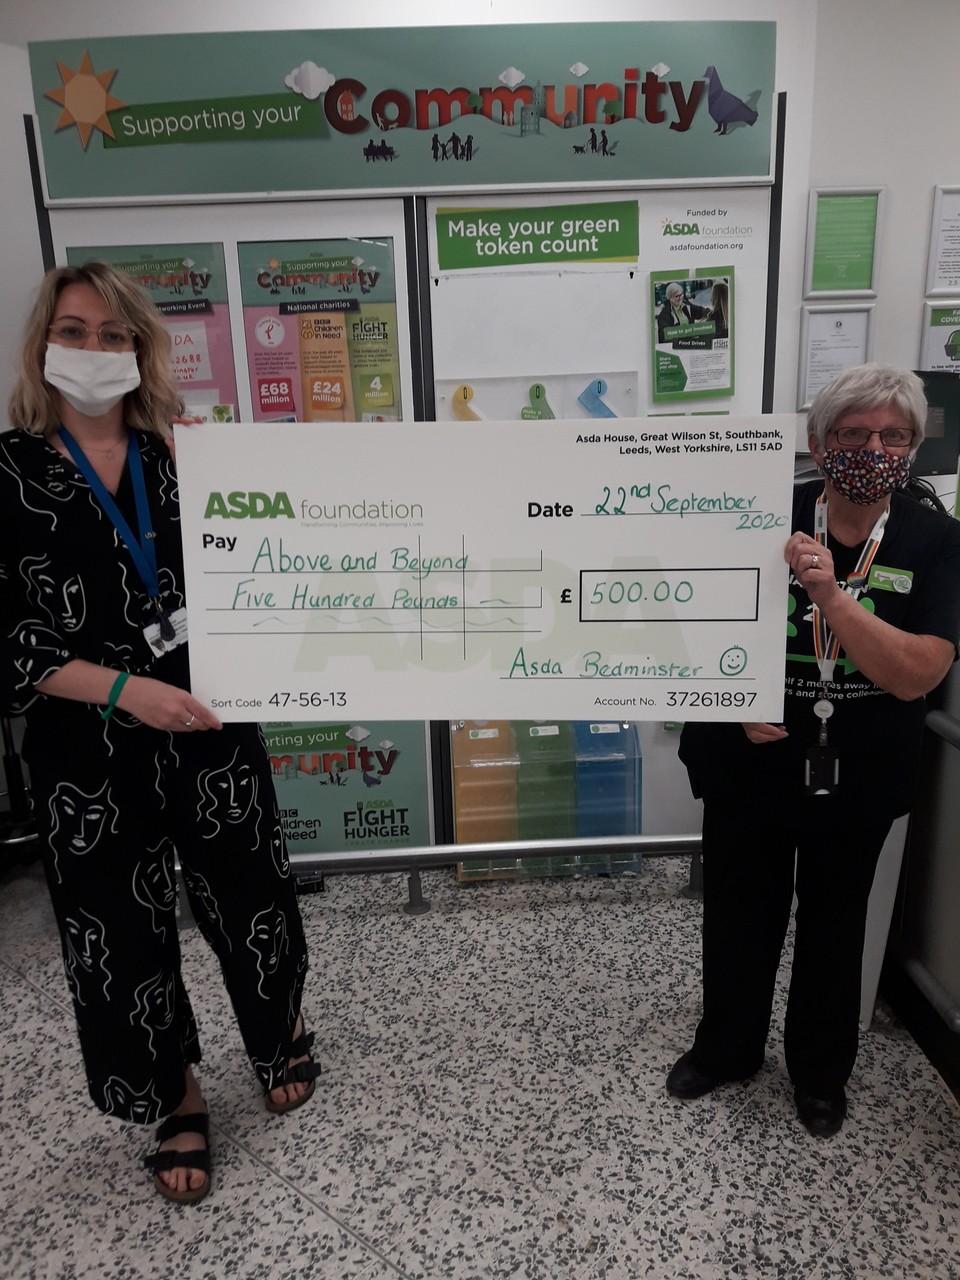 Above and Beyond – green token winners | Asda Bedminster